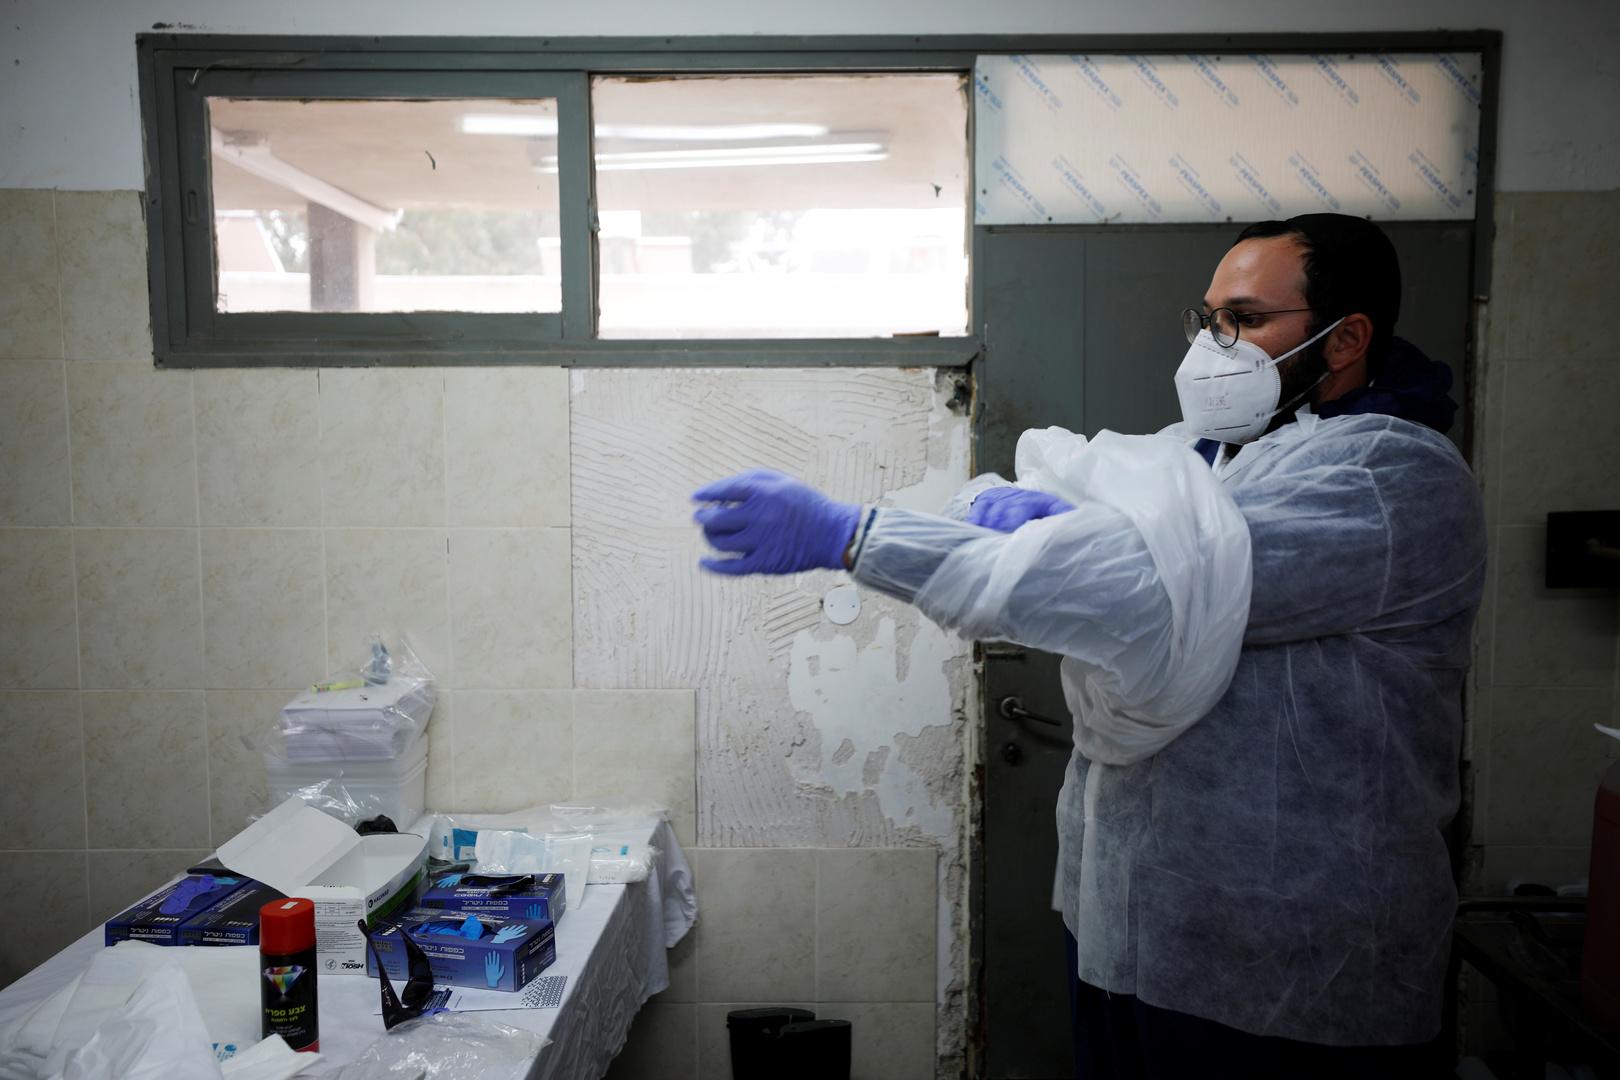 إسرائيل.. الصحة تقلص عدد فحوصات كورونا بسبب نقص المعدات